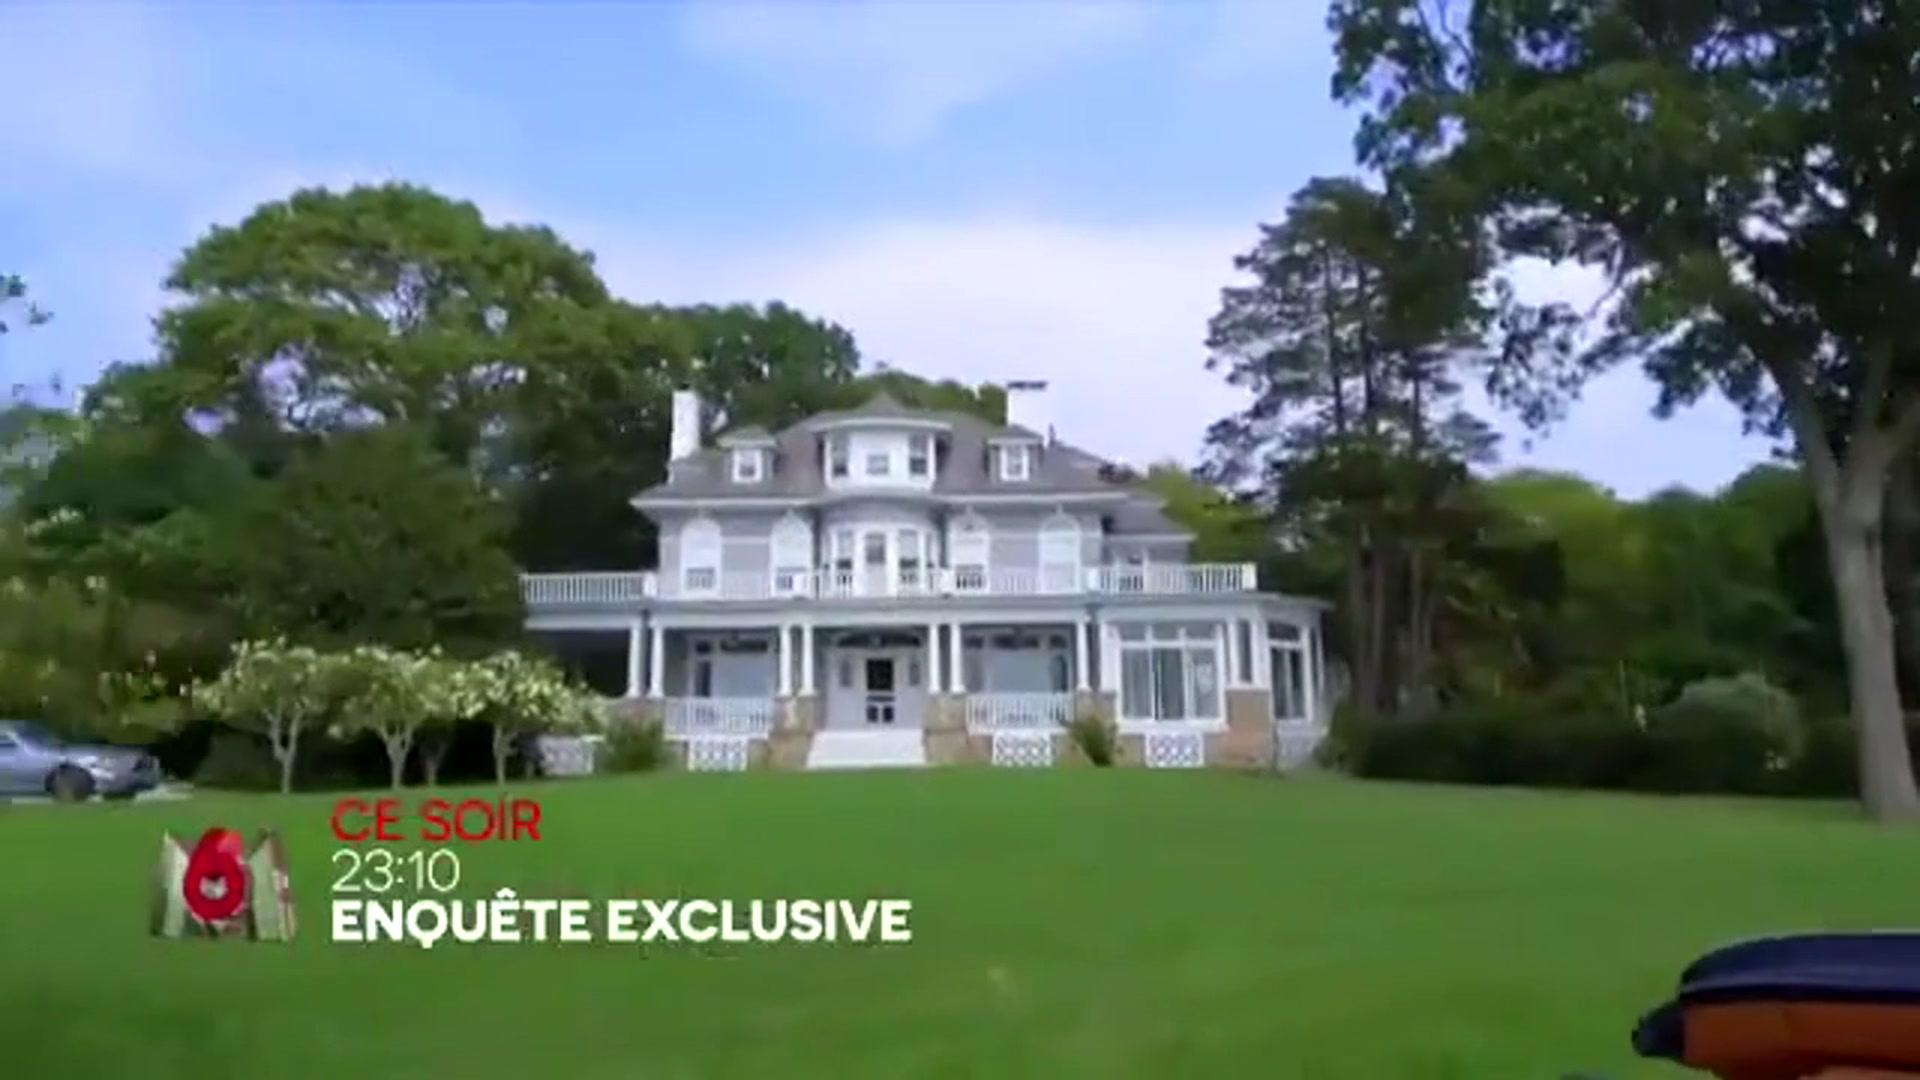 Enquête exclusive : Un été dans les Hamptons : le chic discret des New-Yorkais